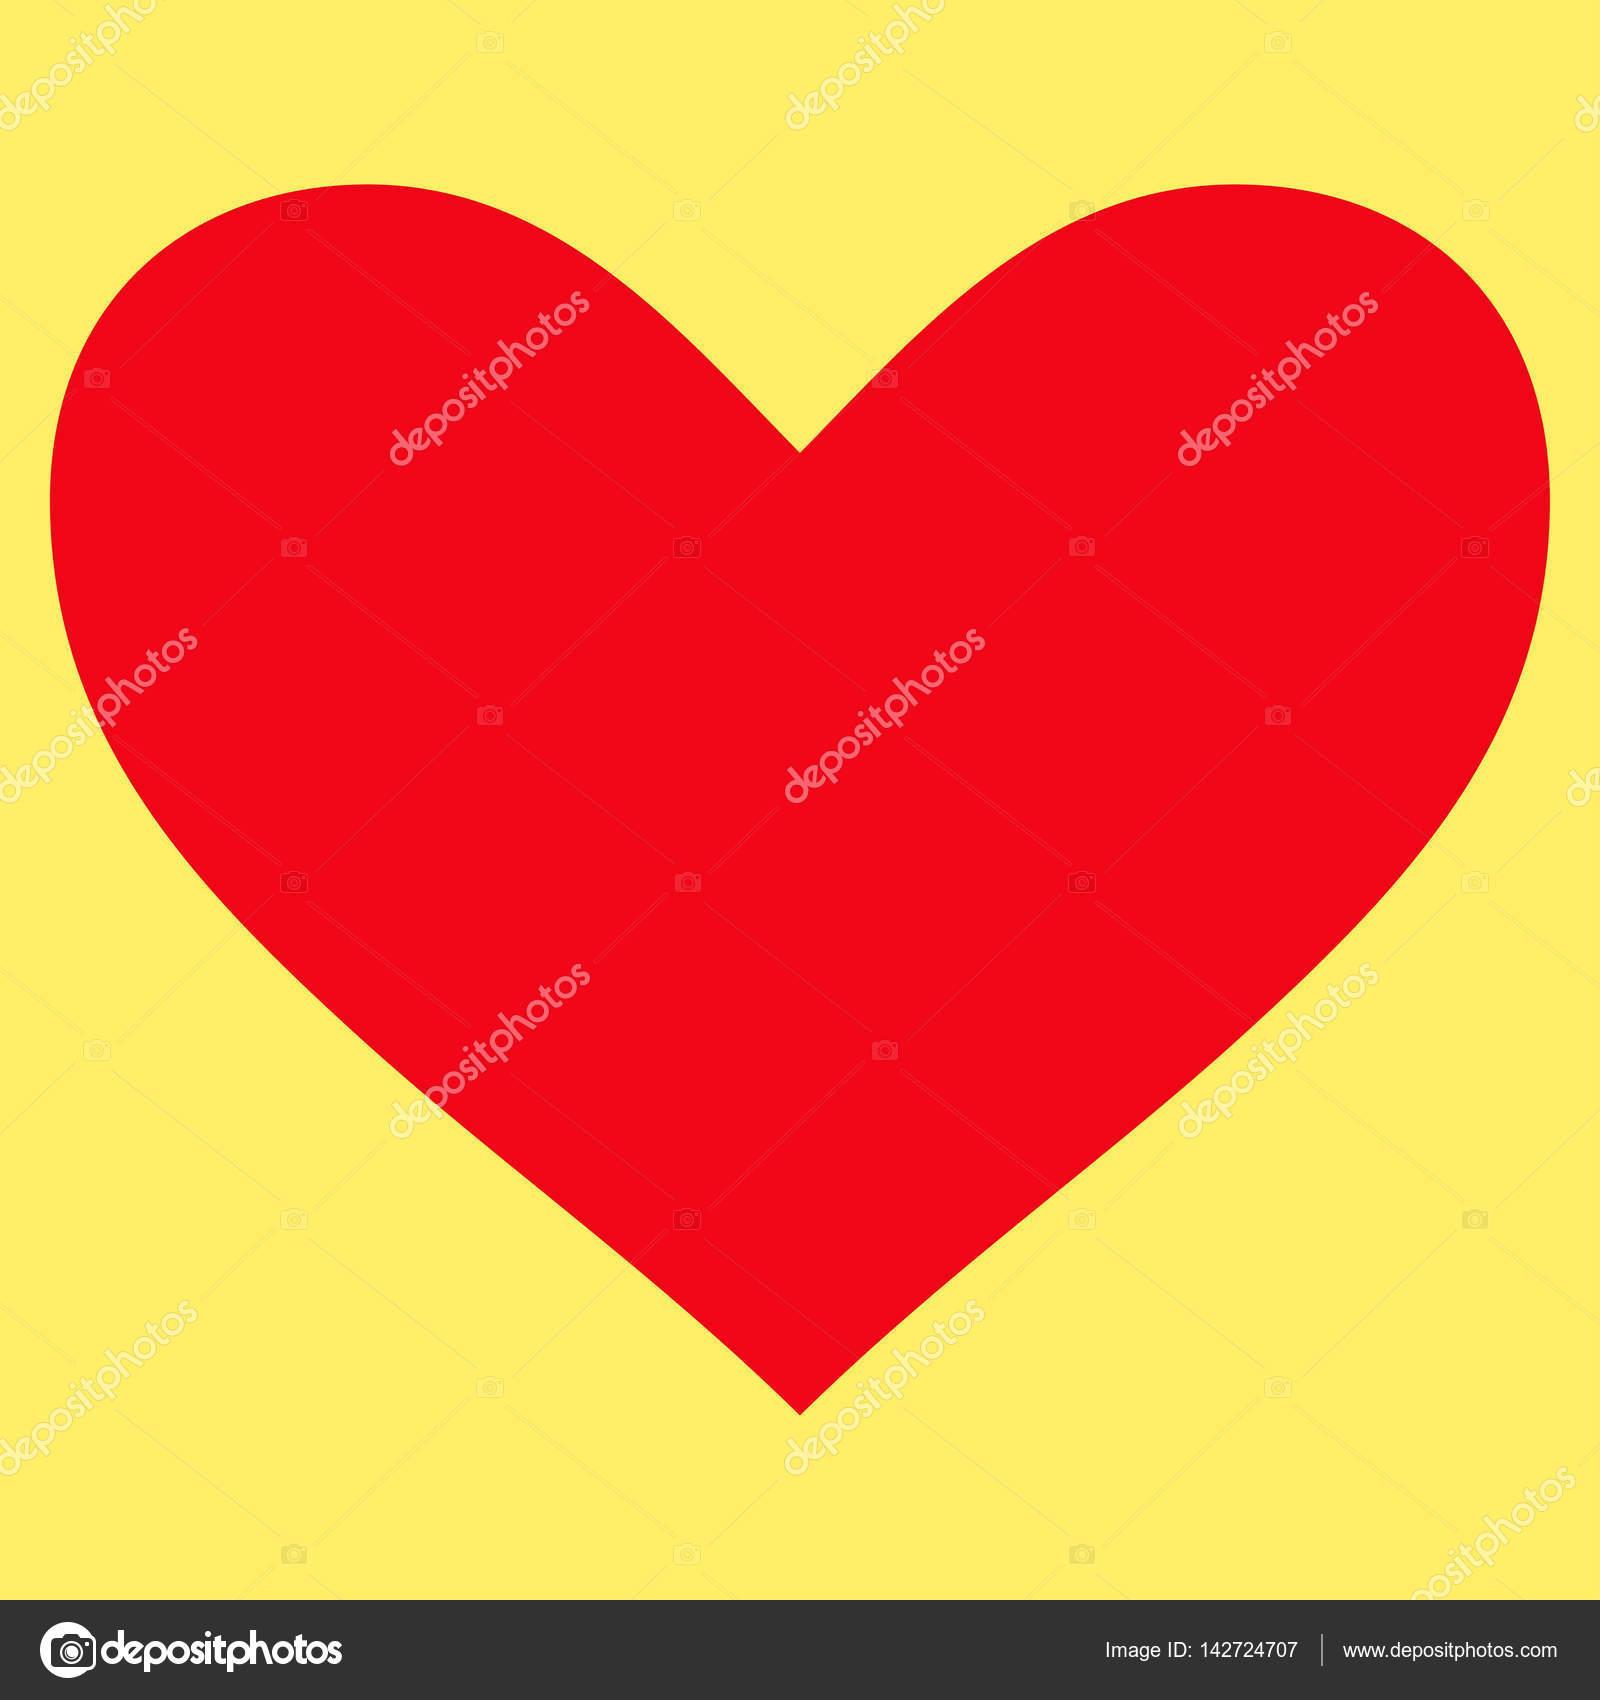 Descargar Aplicaciones De Amor Icono De Vector De Corazon De Amor